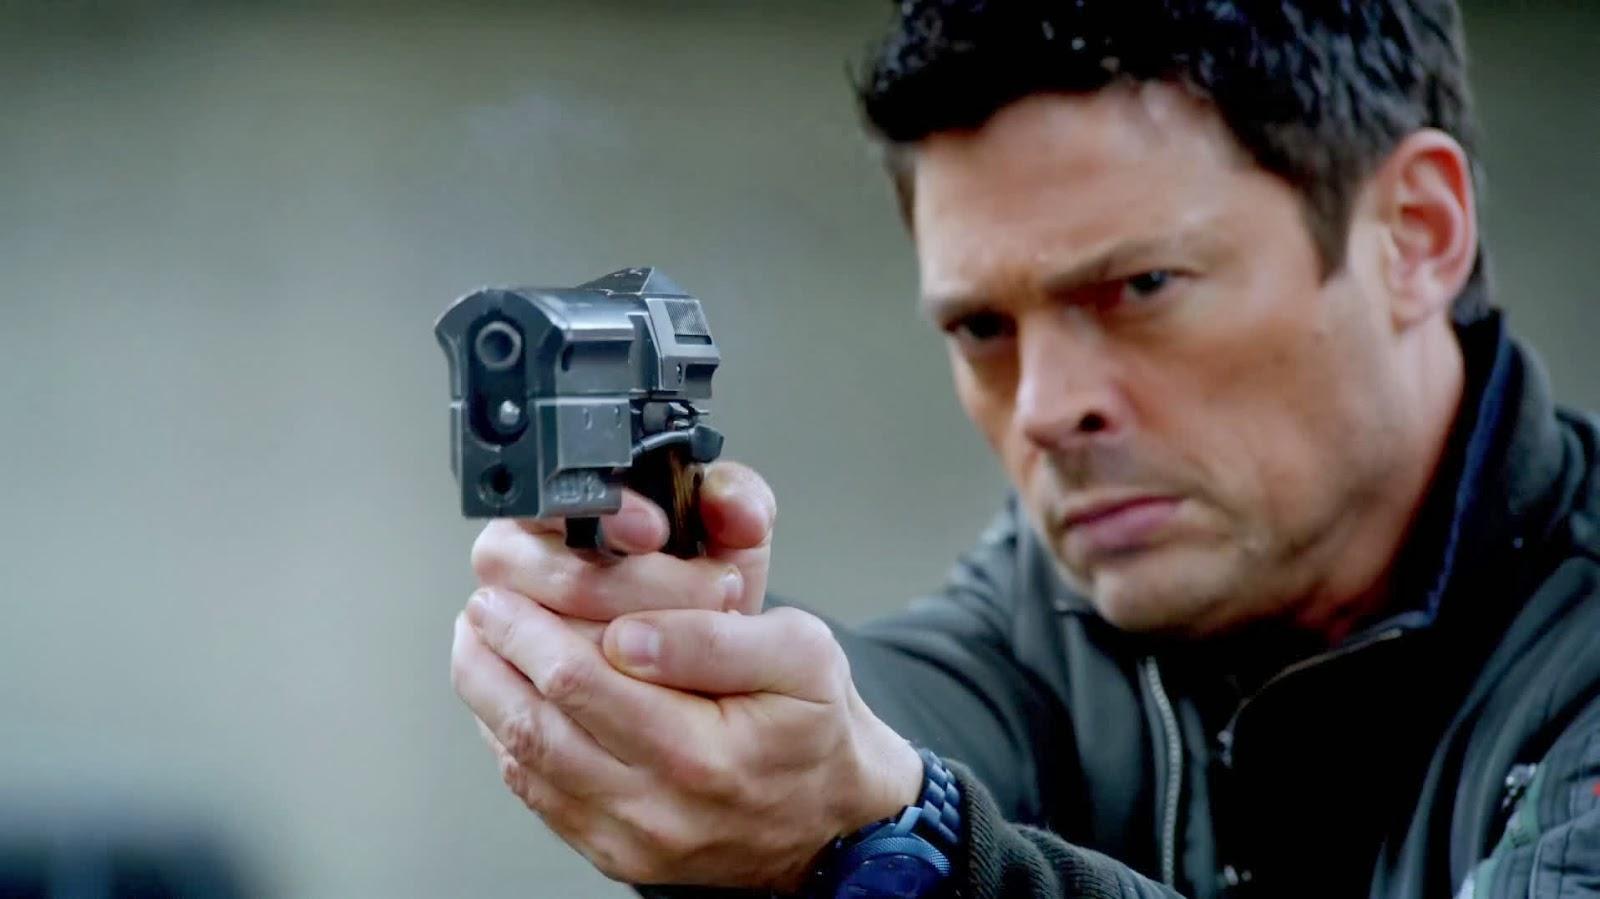 KARL URBAN voulait que son gun soit le plus massif possible dans le    Karl Urban Almost Human Gun